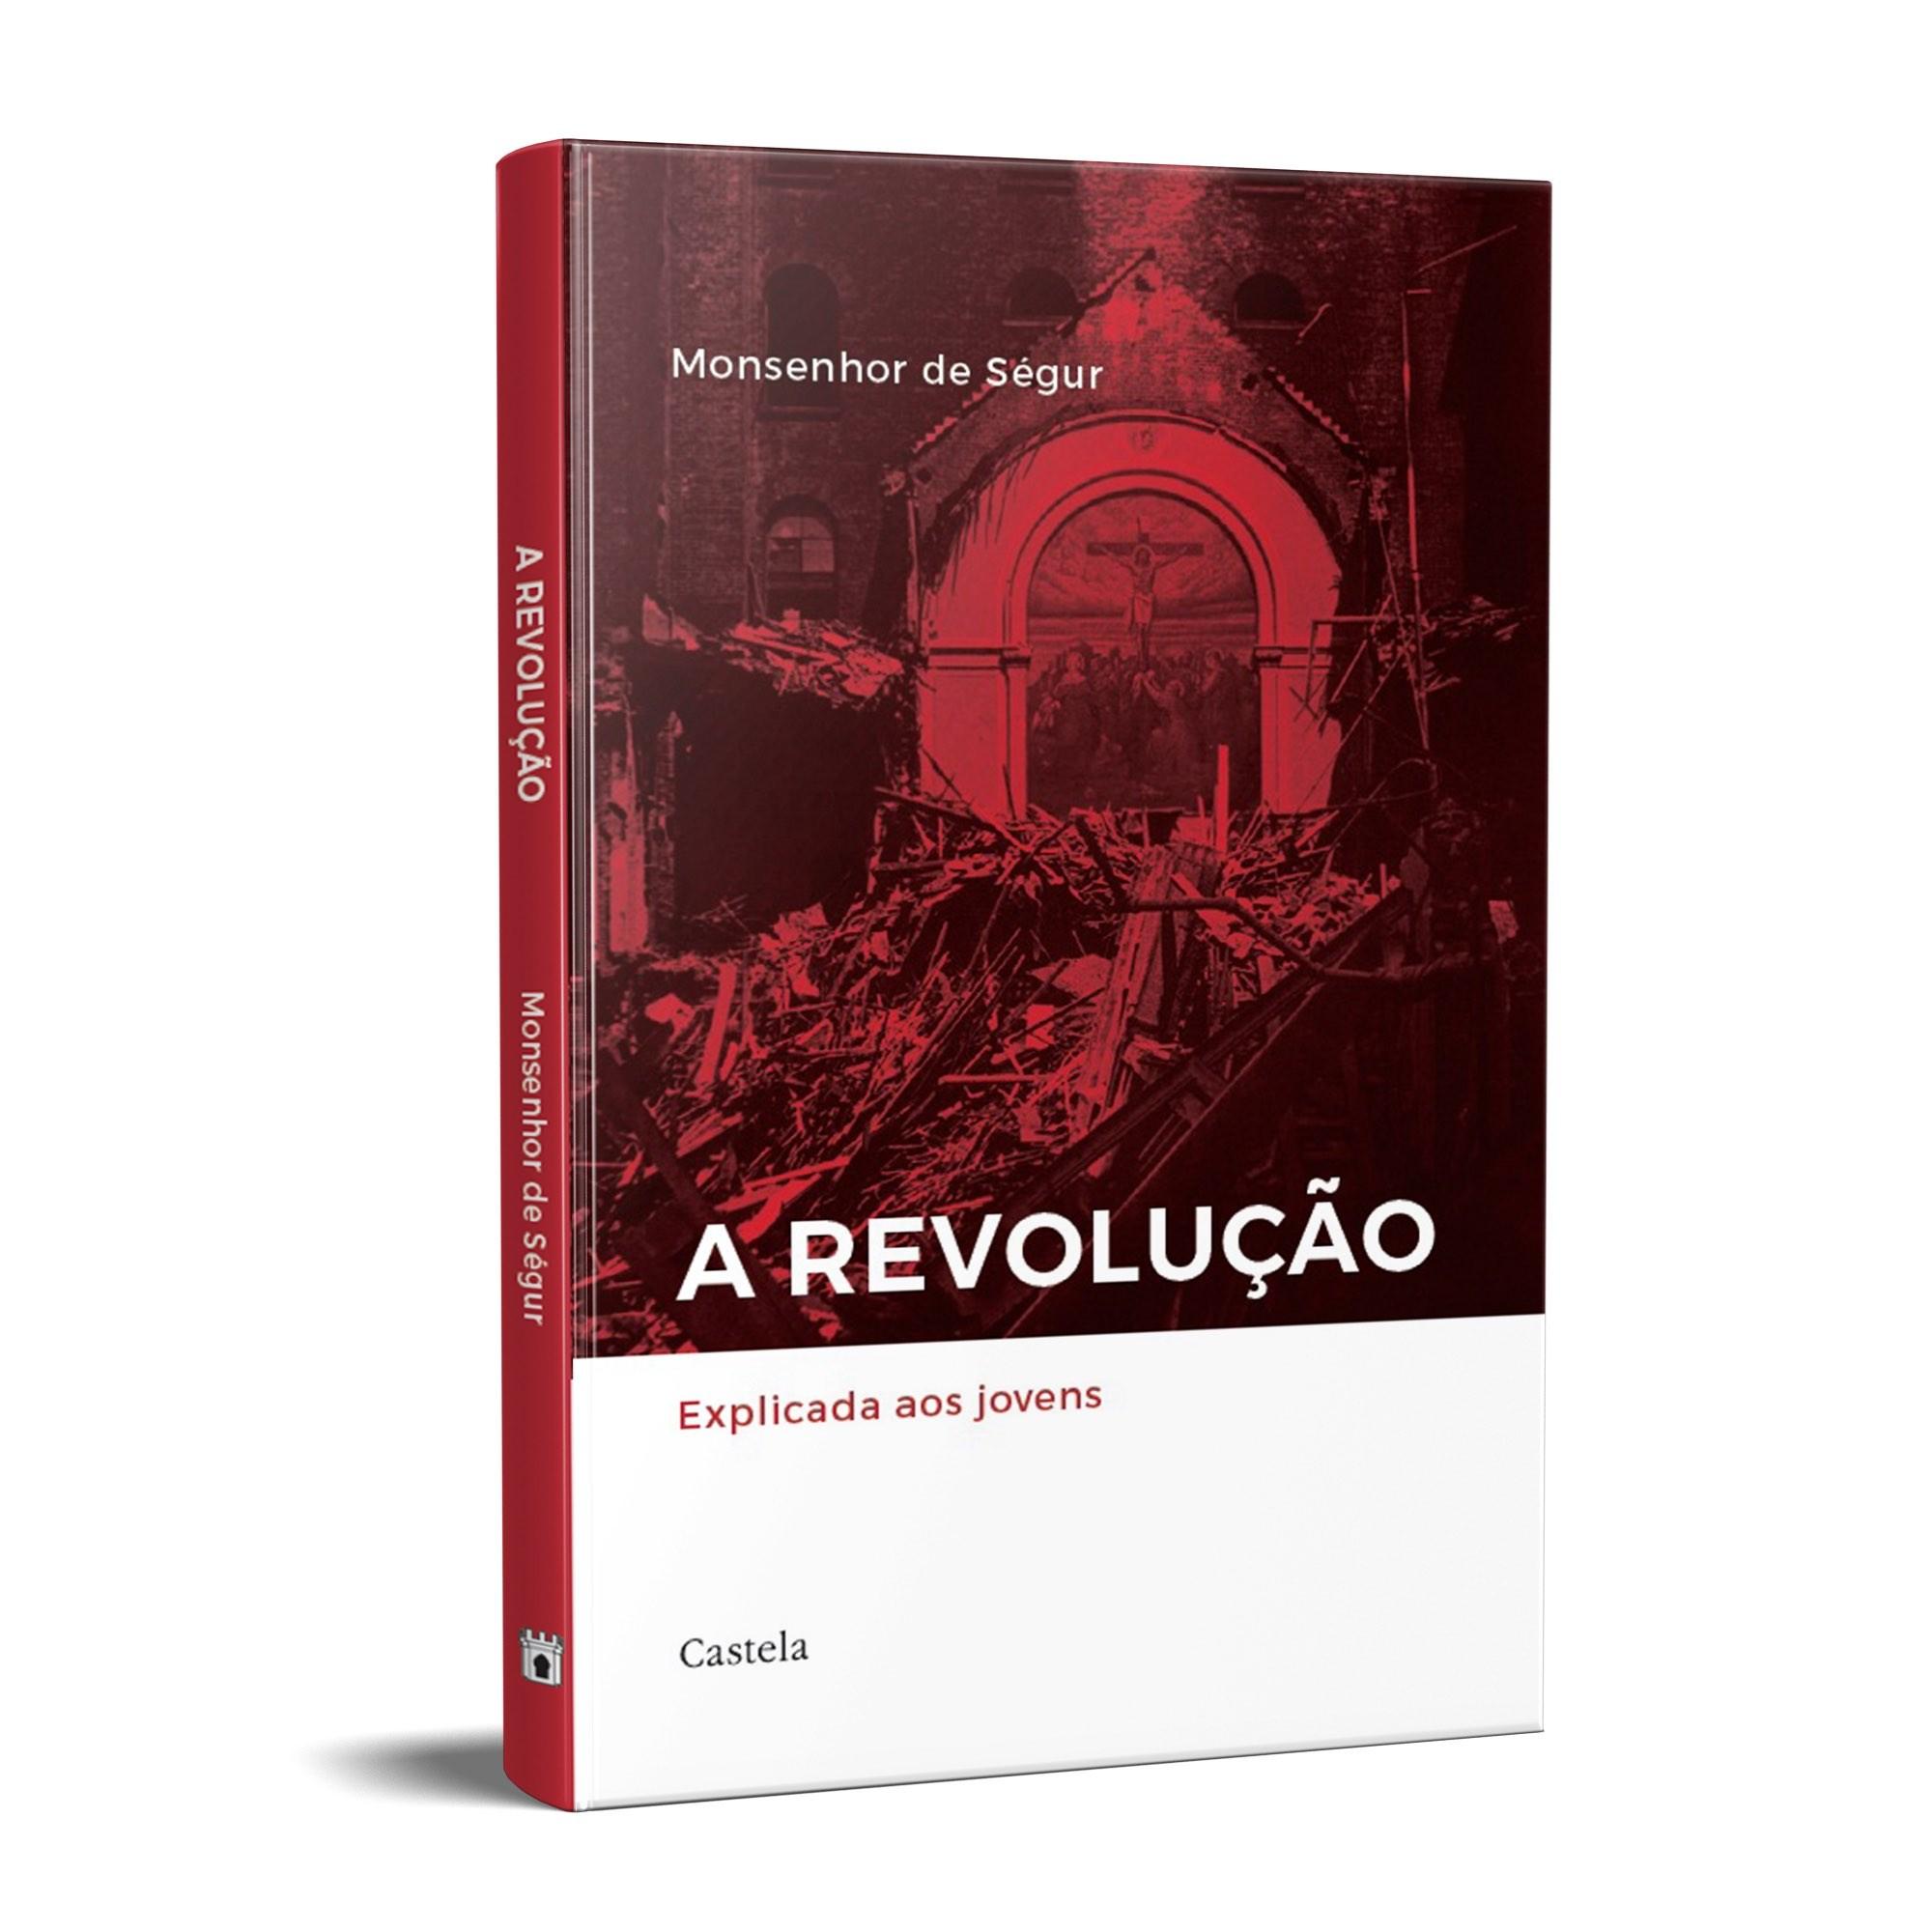 A Revolução - Monsenhor de Ségur